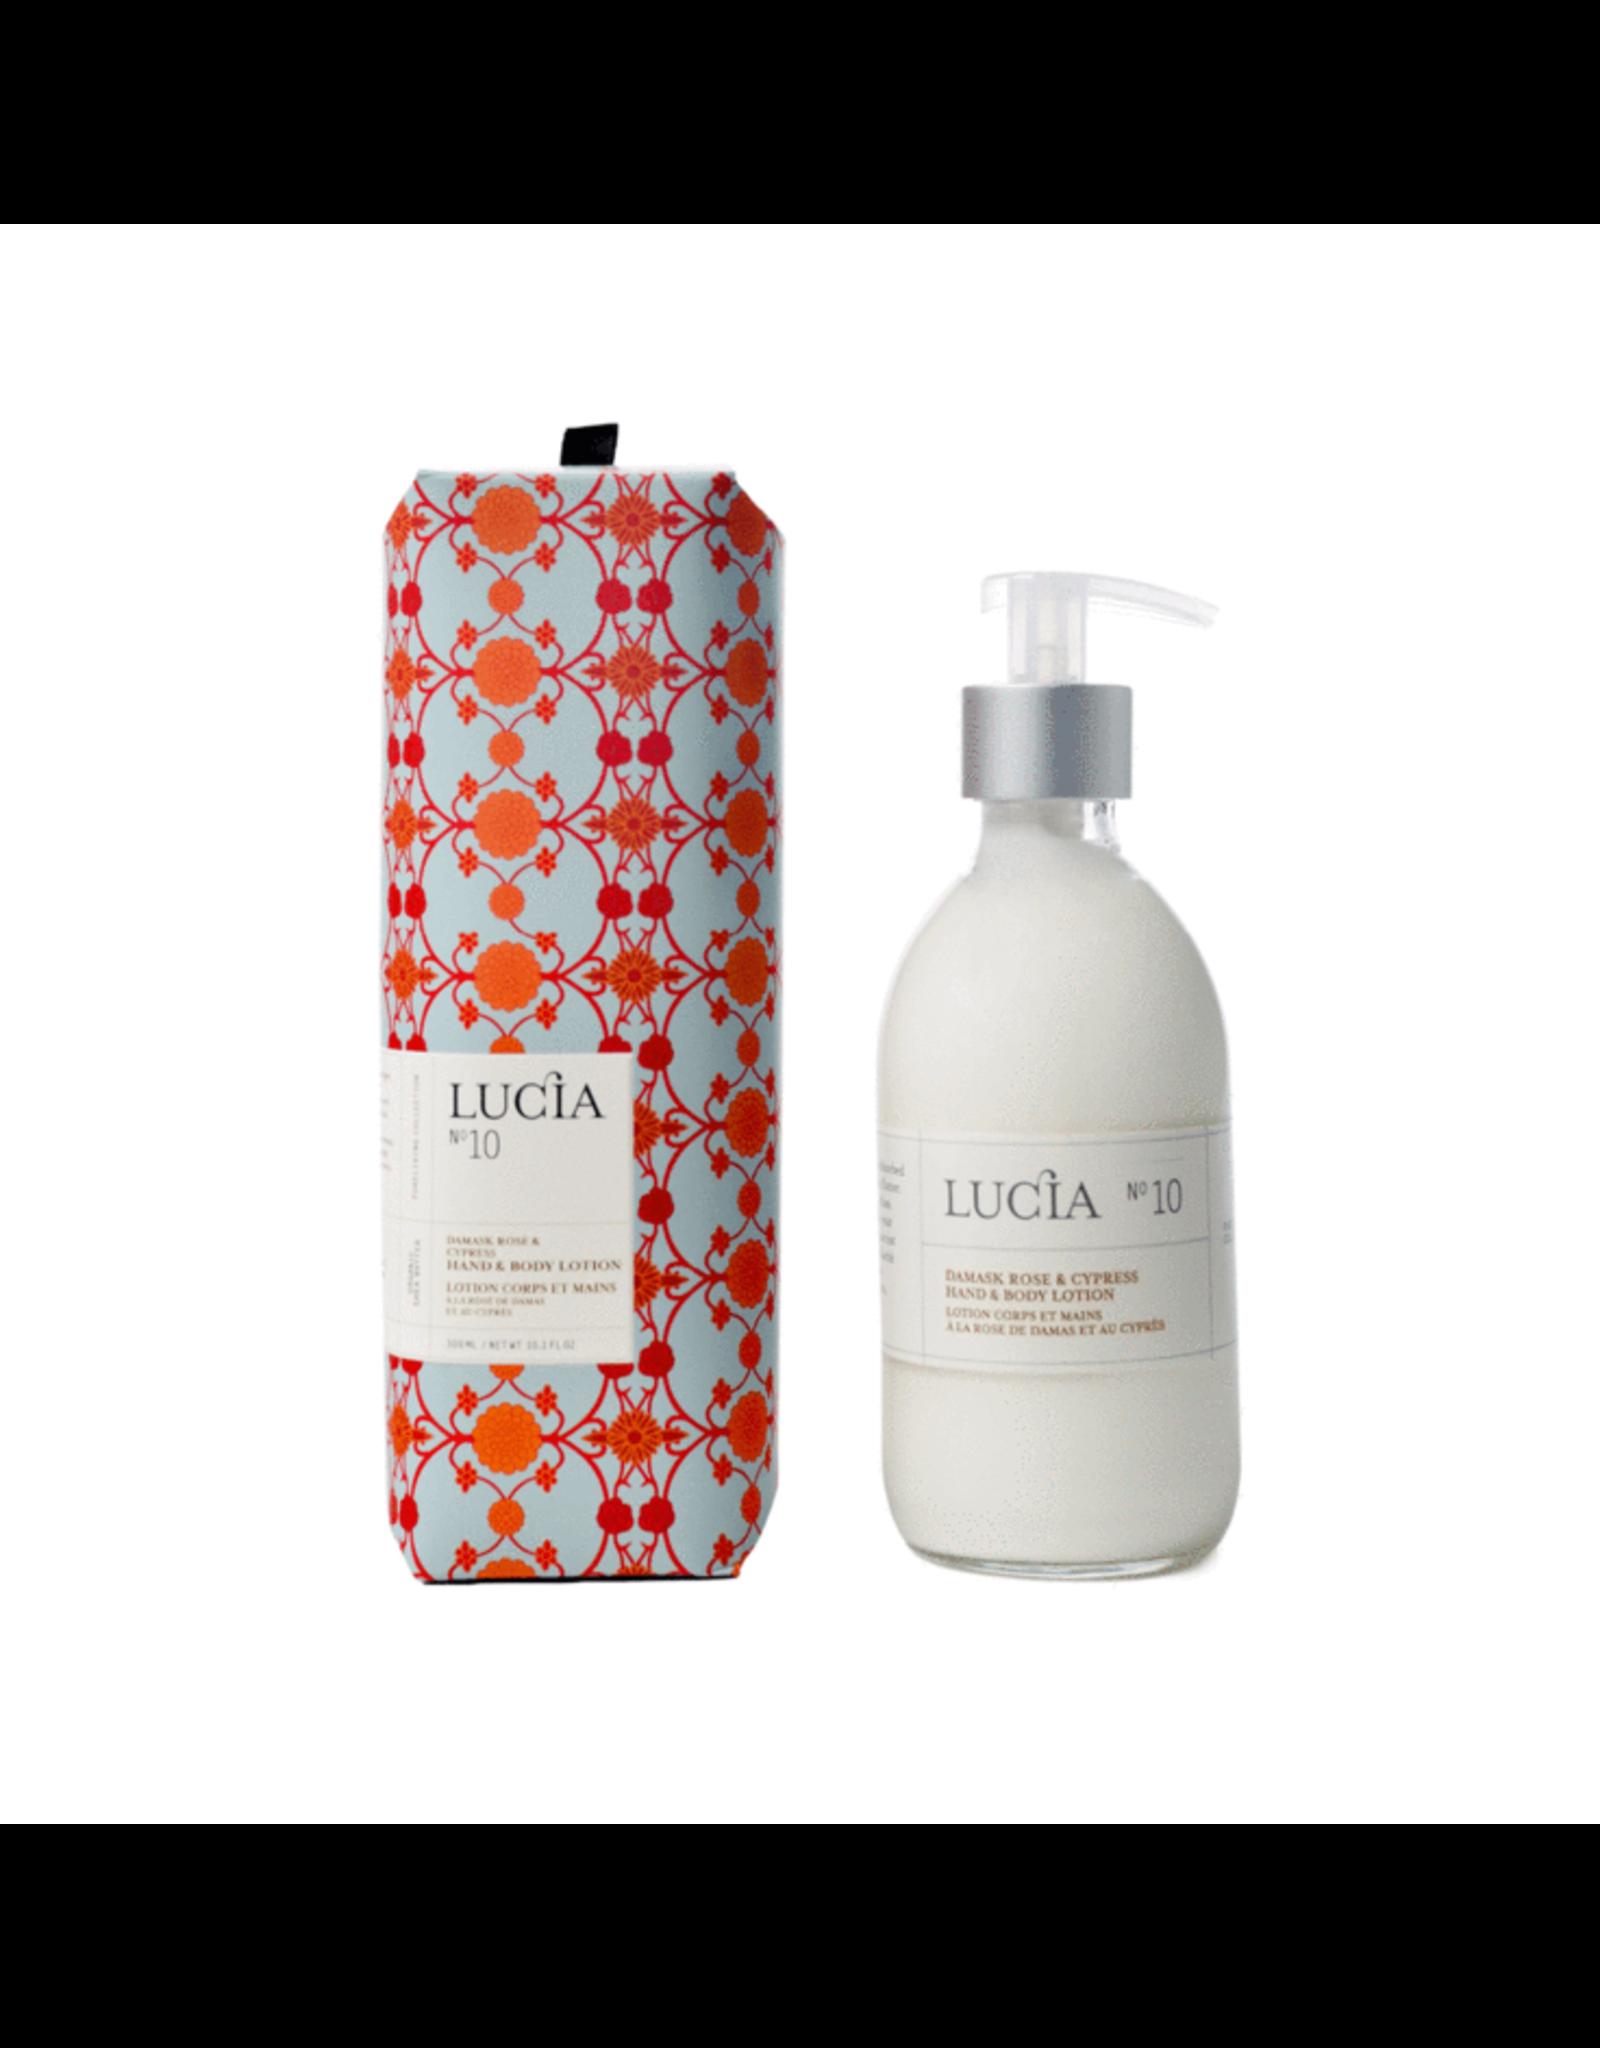 Lucia # 10: Lotion pour le corps et les mains  -  Rose de Damas et Cyprès